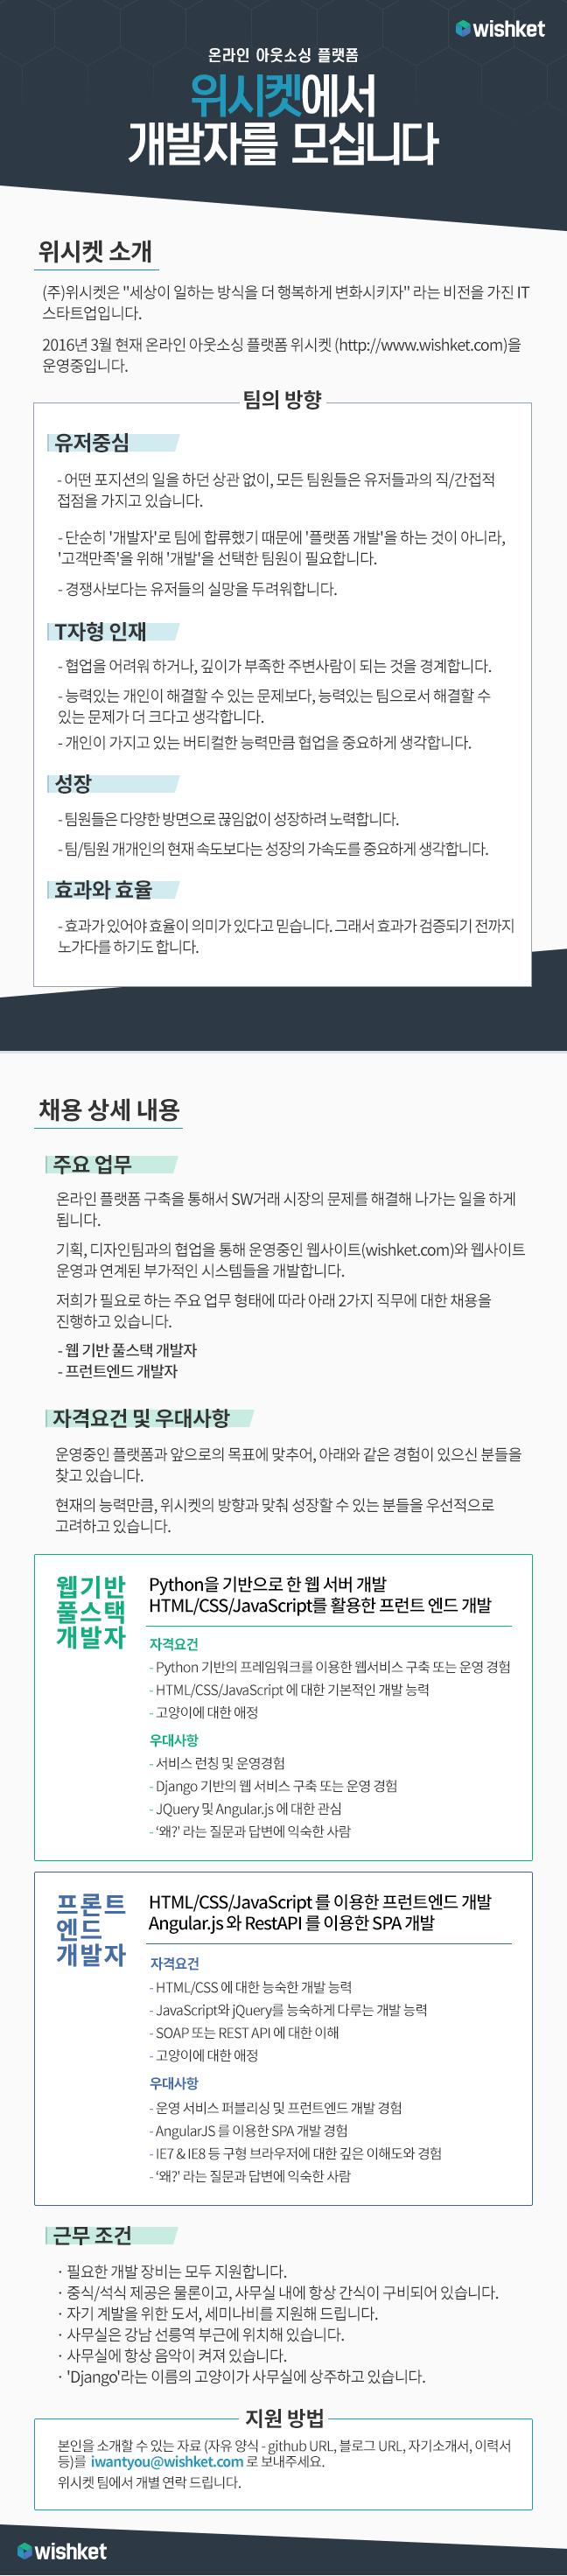 201604_wishket_채용공고_개발자_1